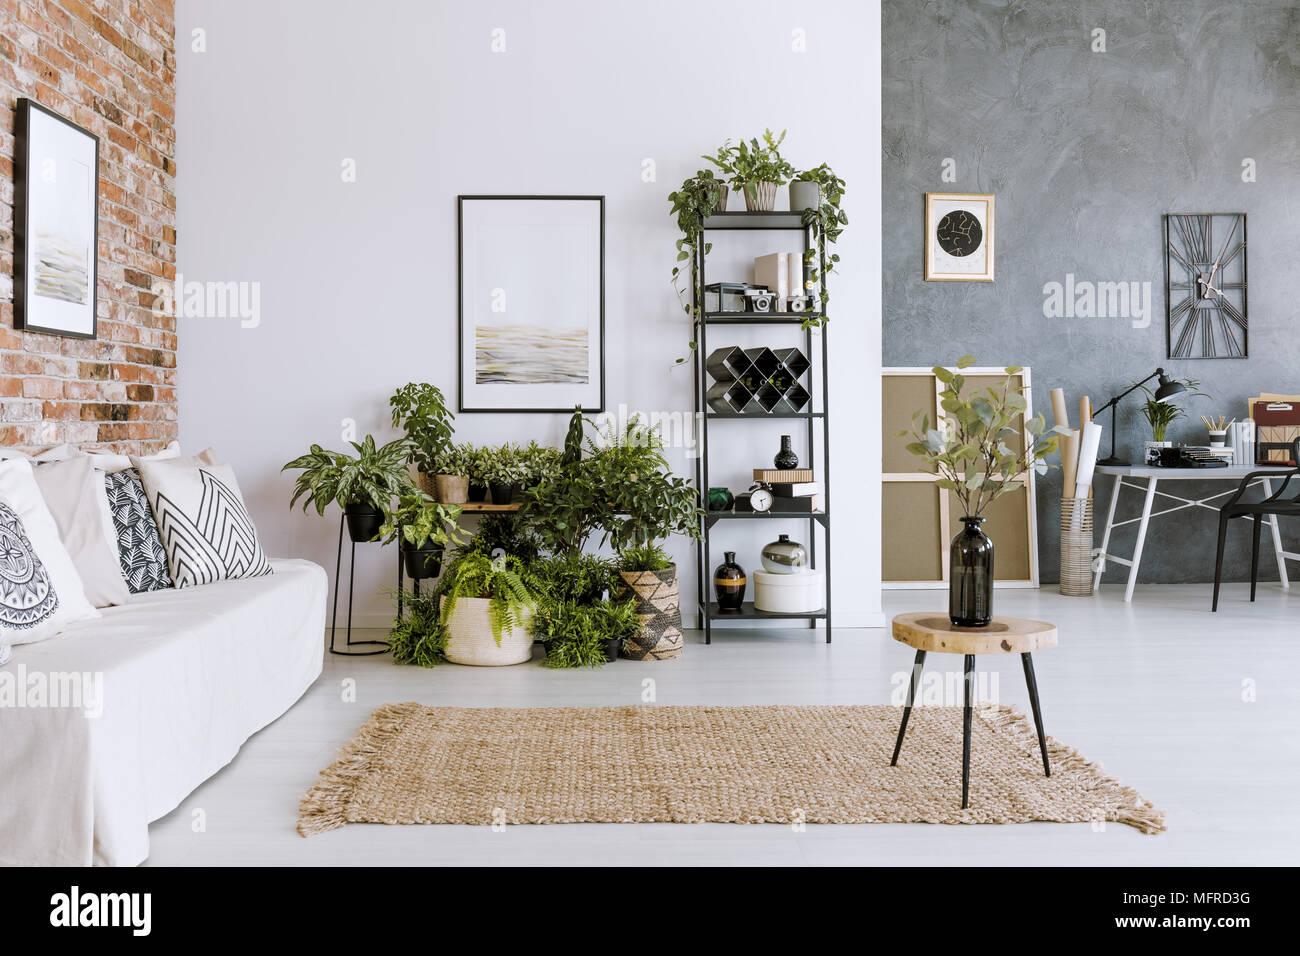 Pflanzen Im Wohnzimmer Einrichtung Mit Beigefarbenen Teppich Sofa